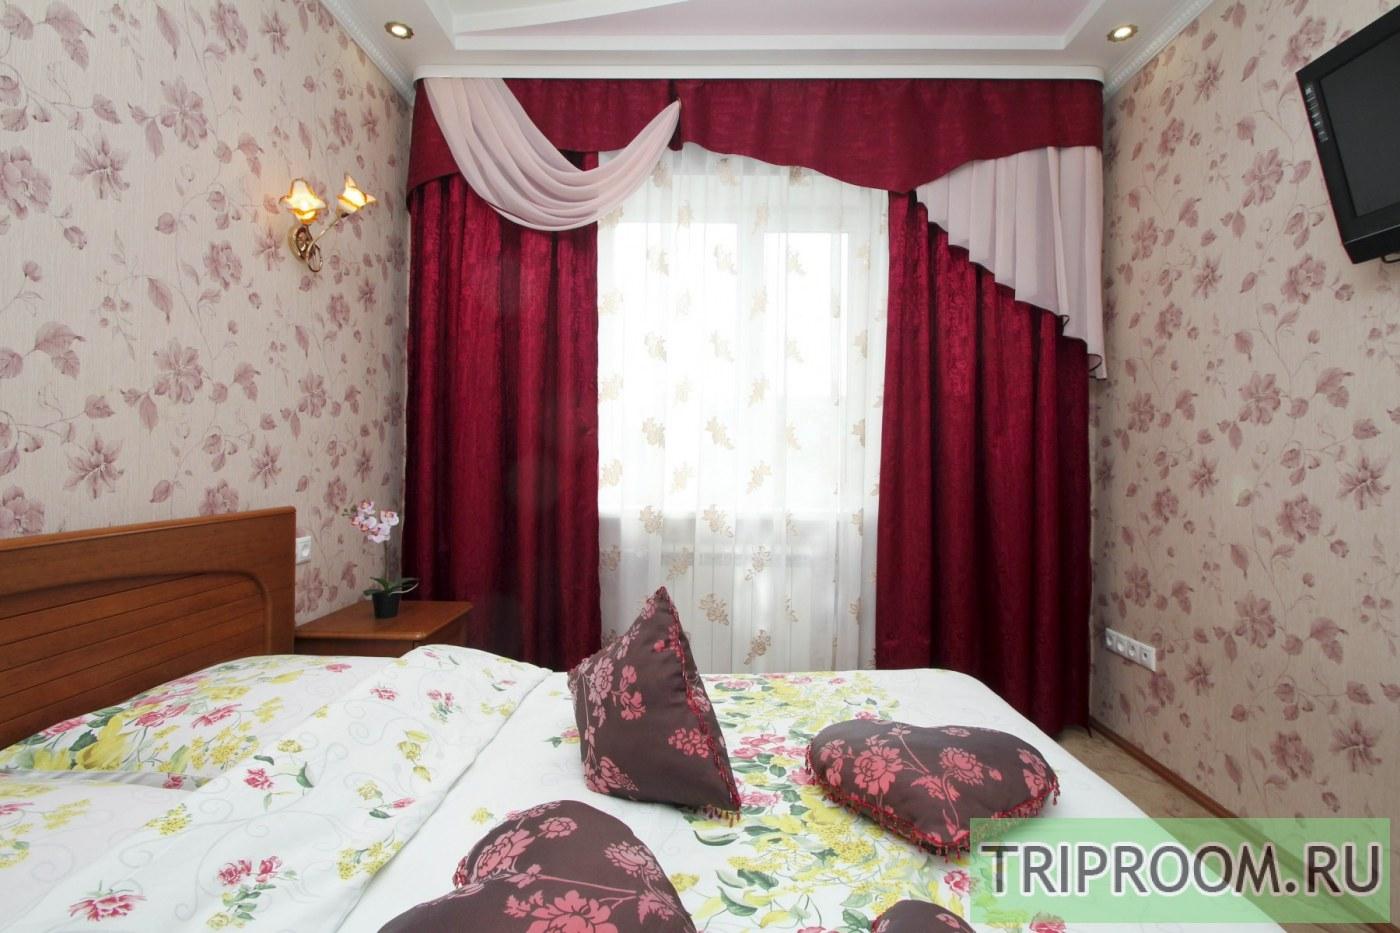 2-комнатная квартира посуточно (вариант № 37514), ул. Дзержинского улица, фото № 17